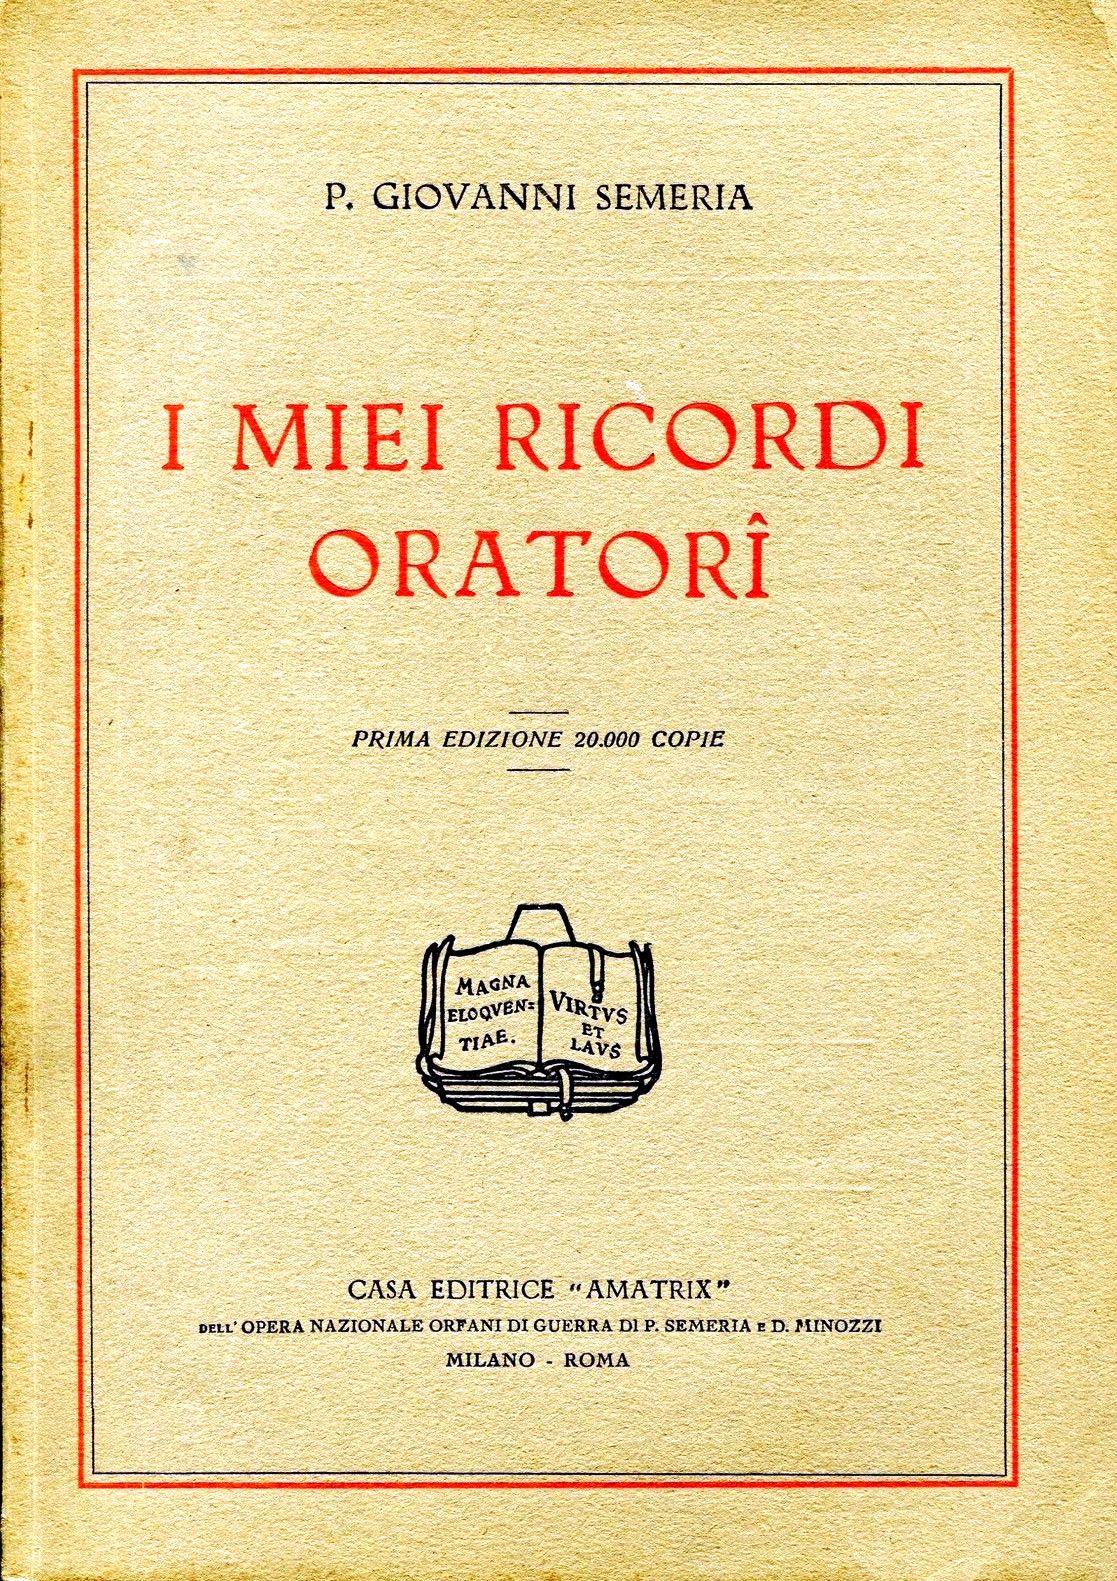 I miei ricordi oratori(1927)